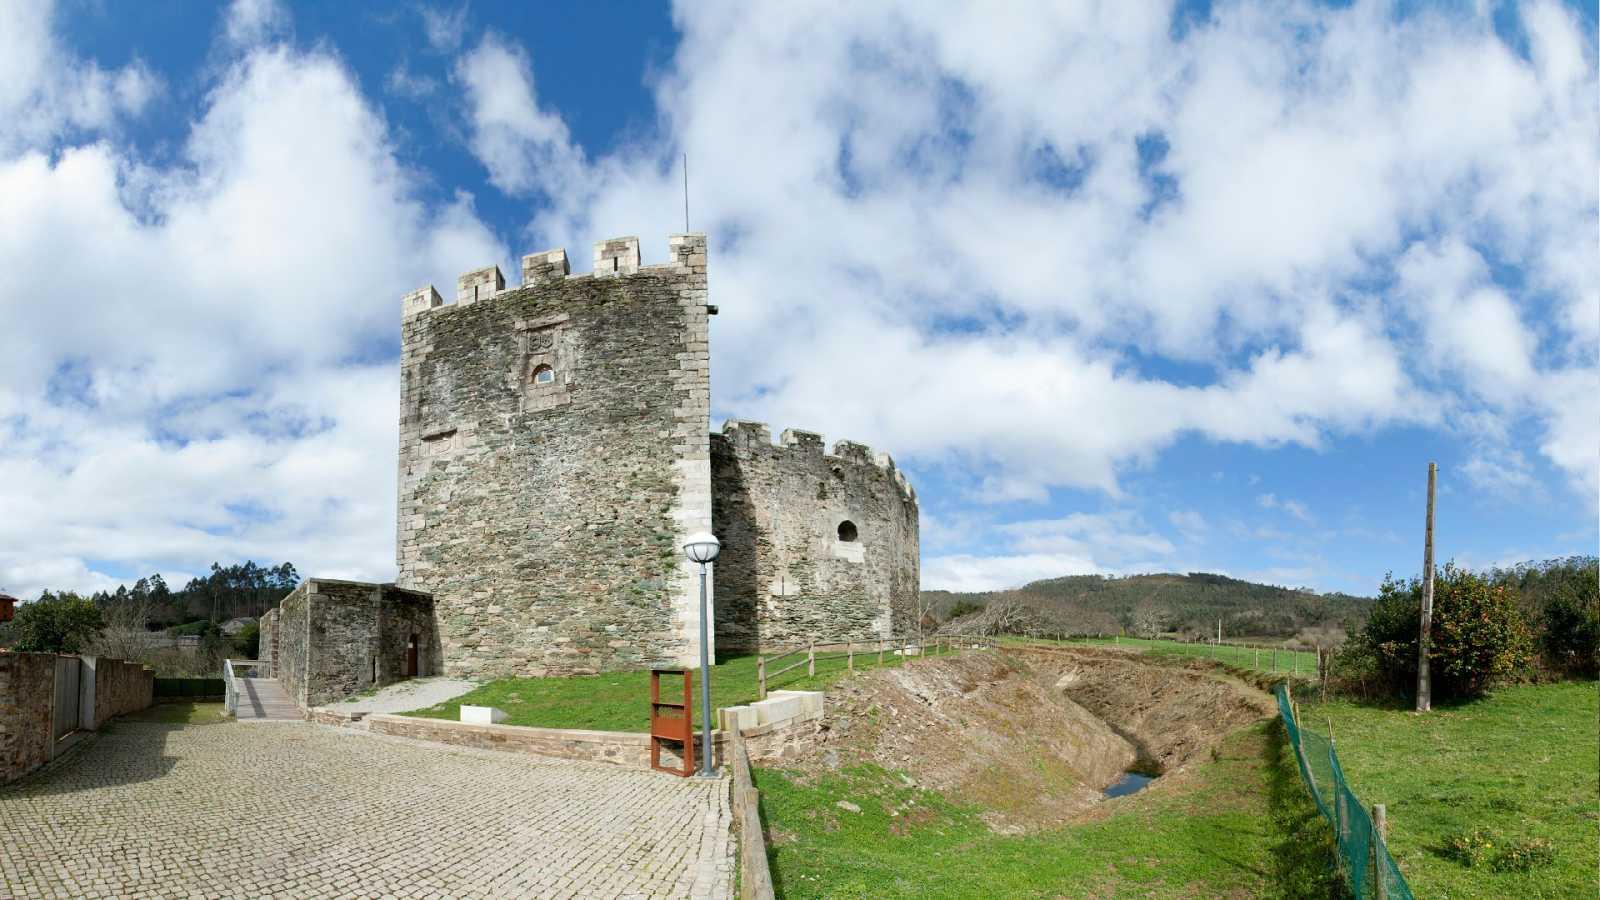 Reportajes Emisoras - La Coruña - Piedra de Moeche - 10/05/21 - Escuchar ahora